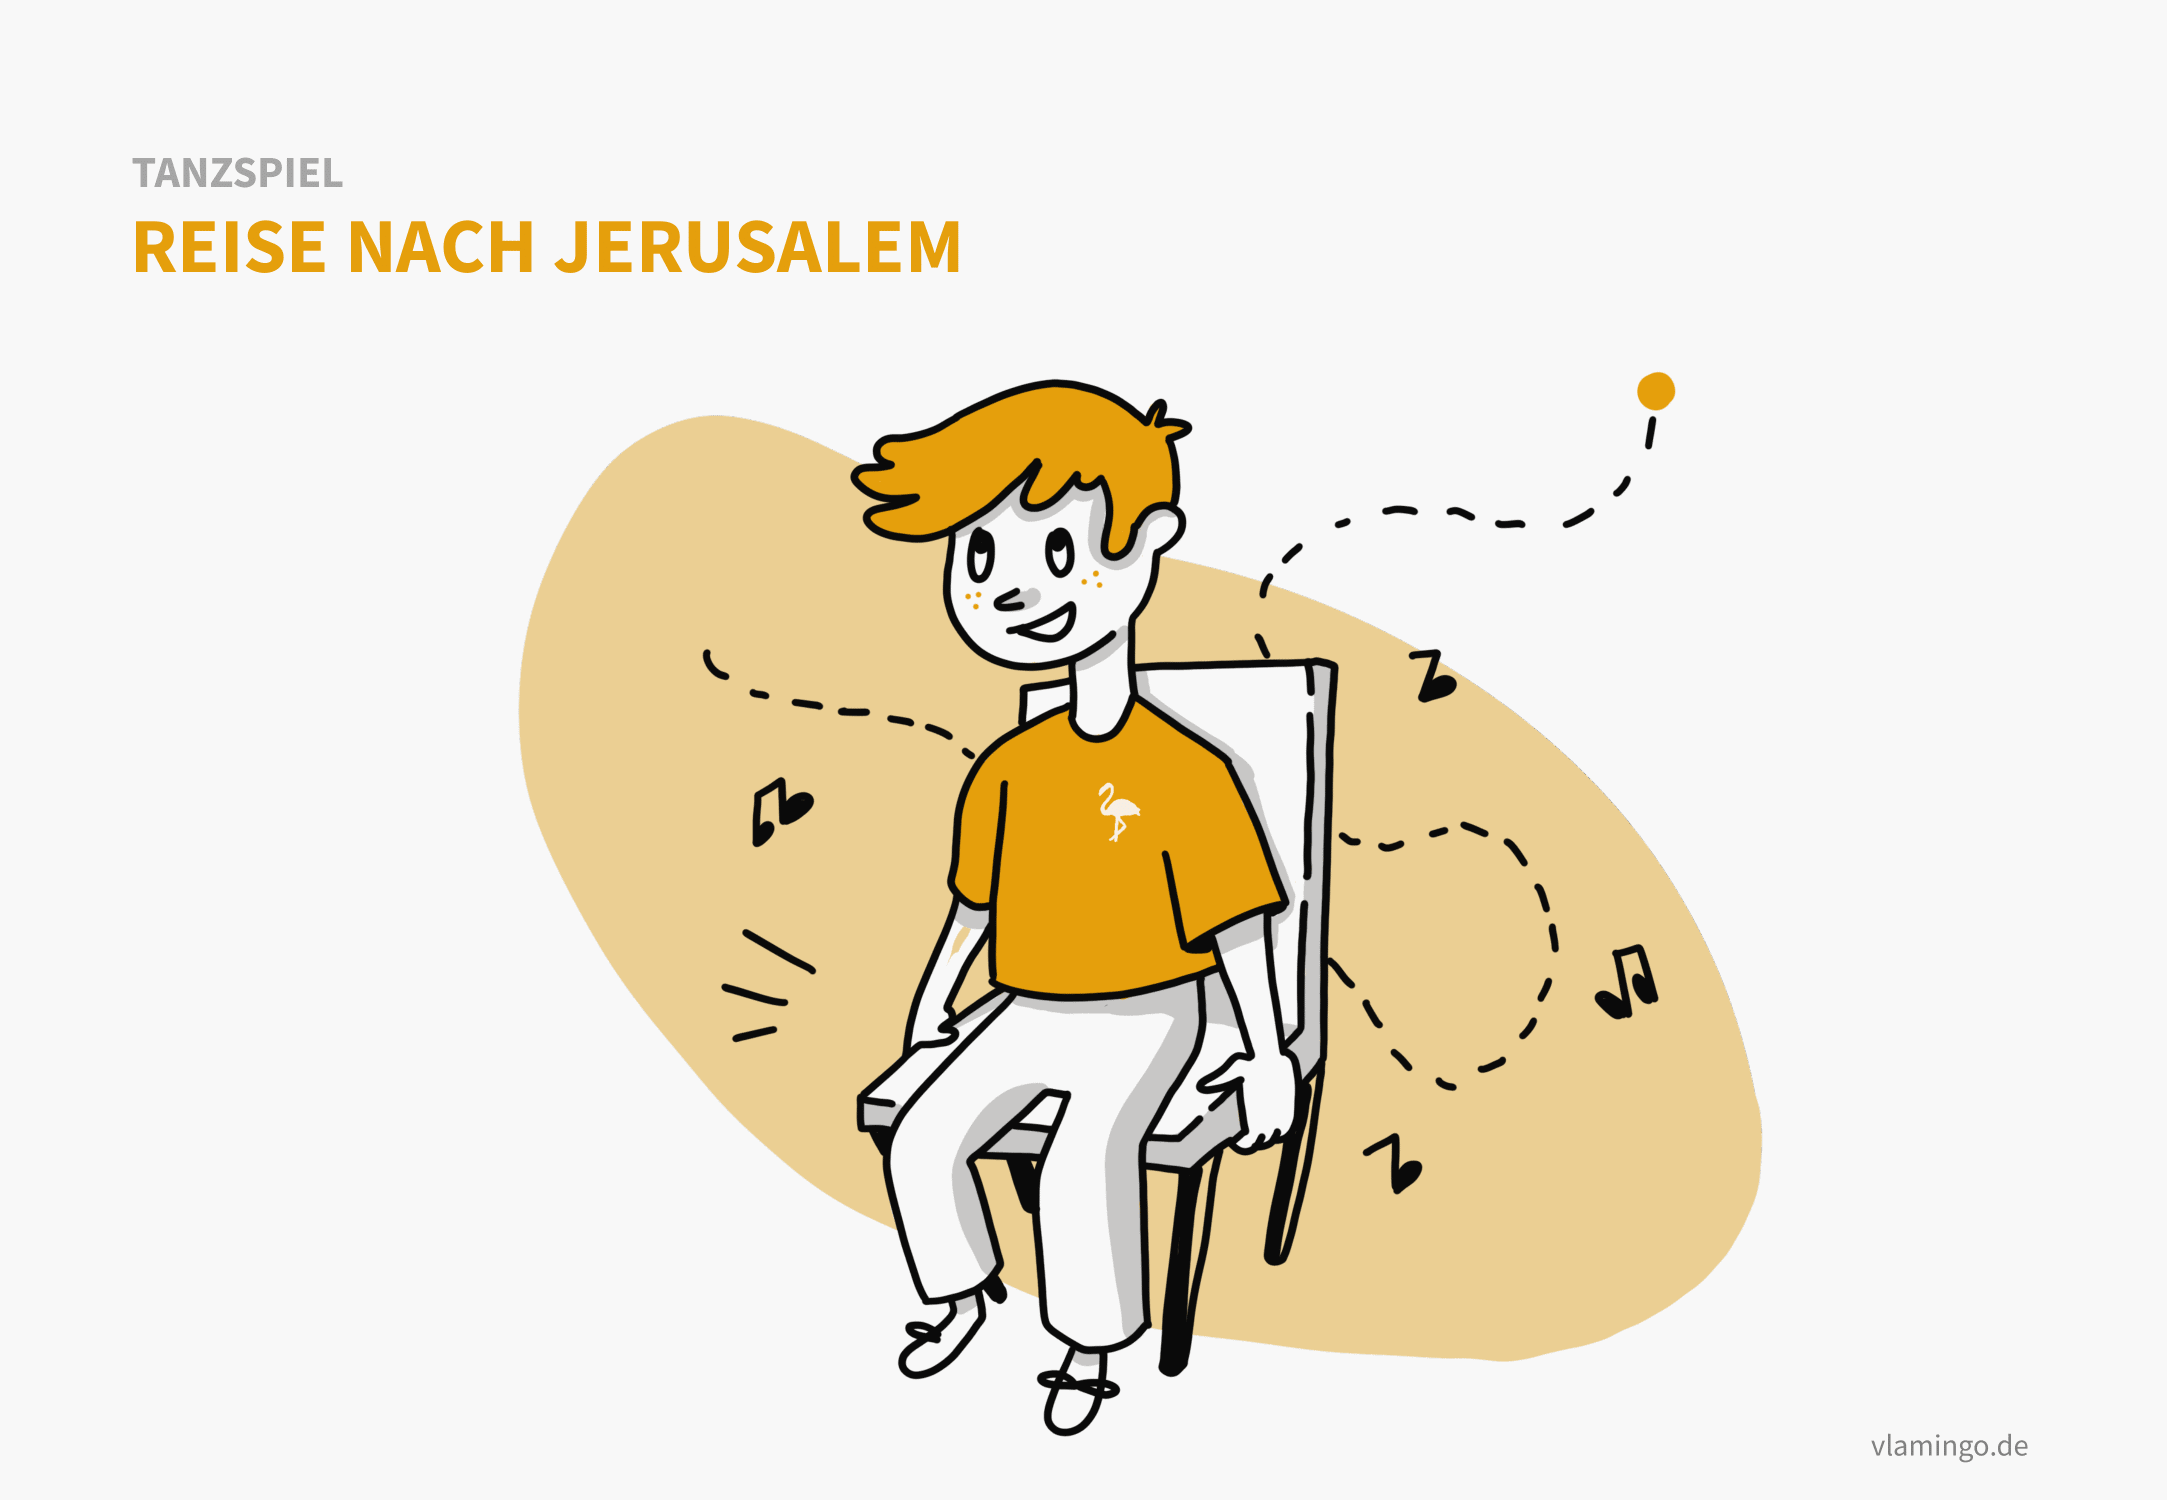 Tanzspiel - Reise nach Jerusalem